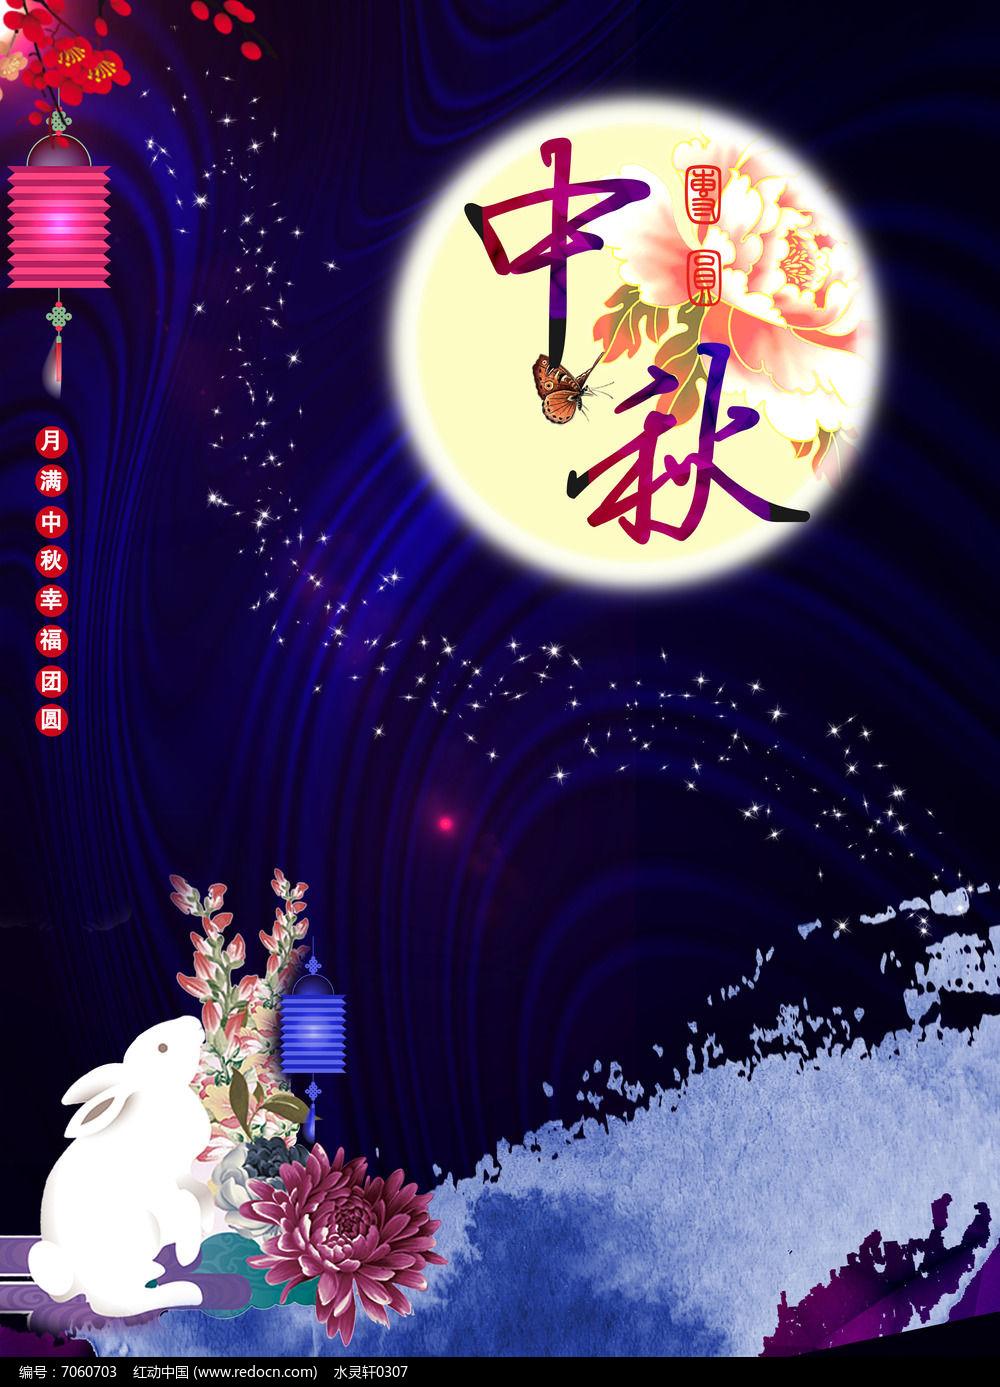 卡通创意中秋节宣传海报素材下载(编号7060703)_红动网图片